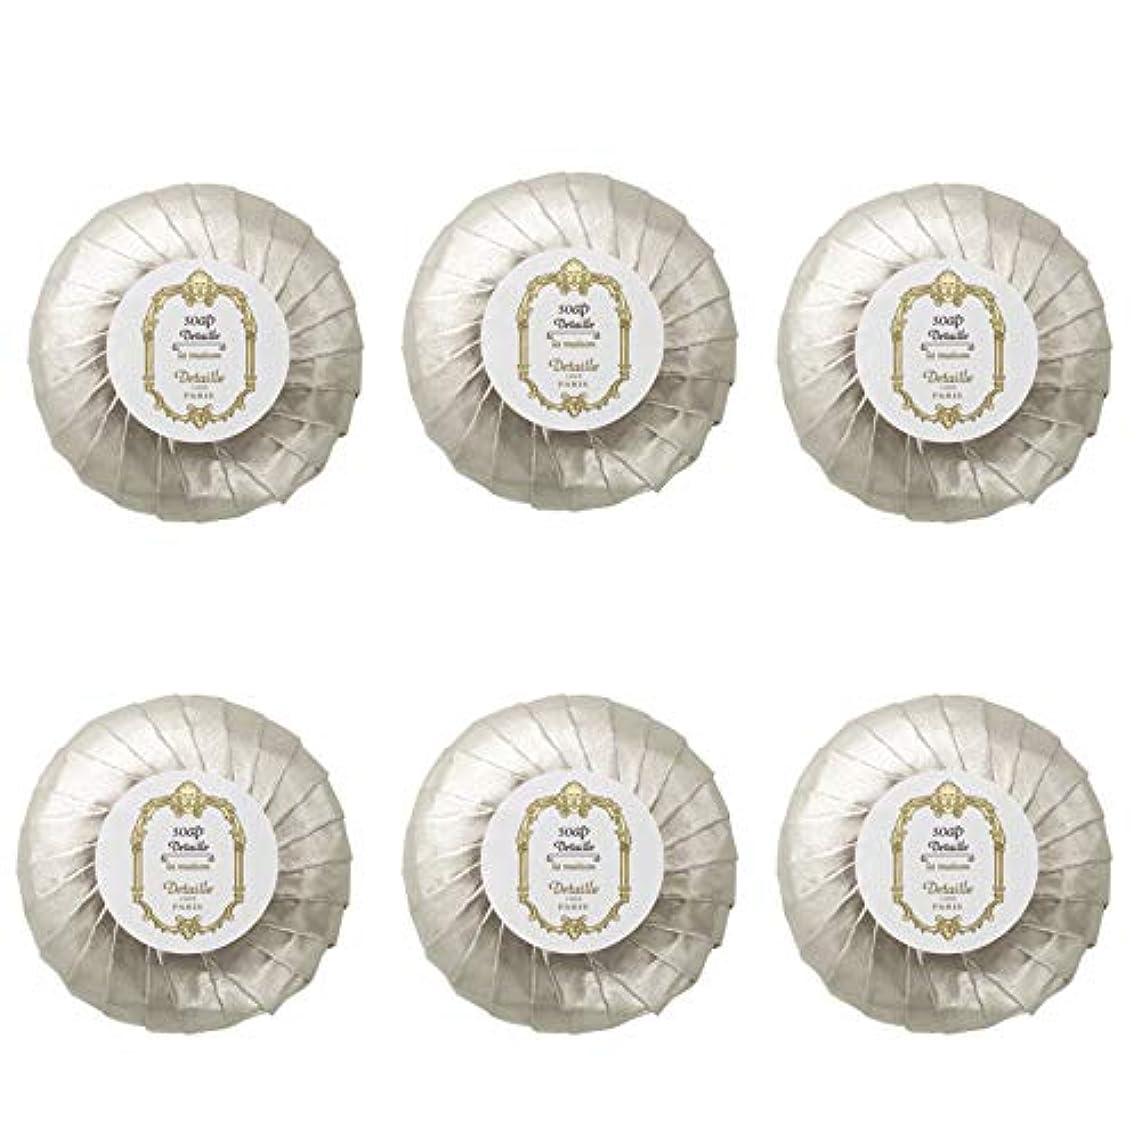 美容師内陸ソーダ水POLA デタイユ ラ メゾン スキンソープ 固形石鹸 (プリーツ包装) 50g×6個